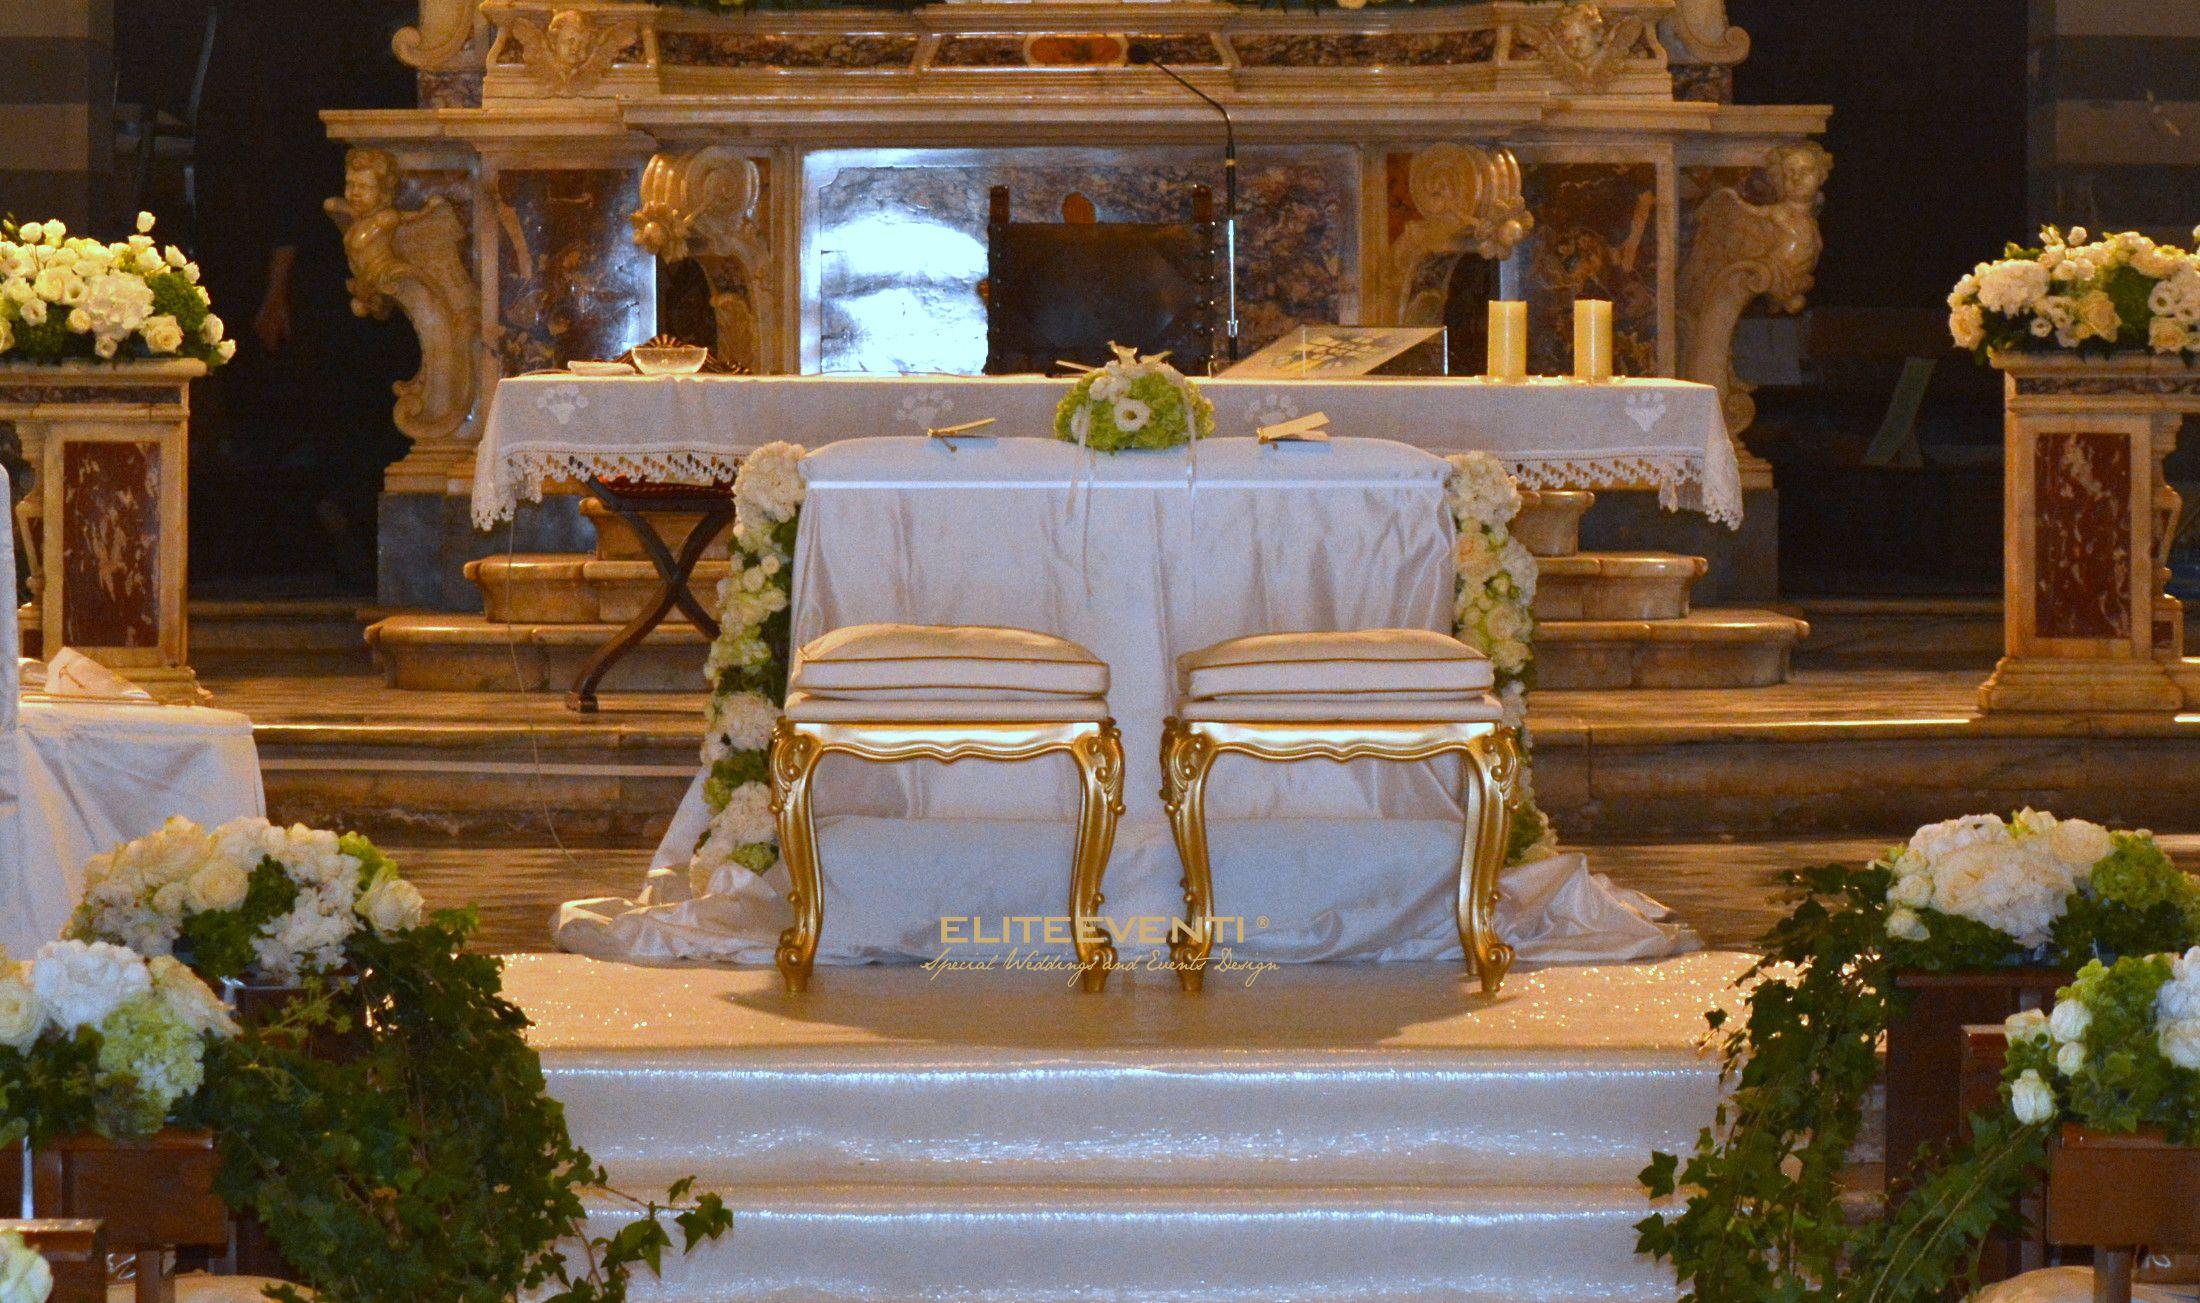 Decorazioni_e_arredi_classic_Charming_Wedding_b_eliteeveni